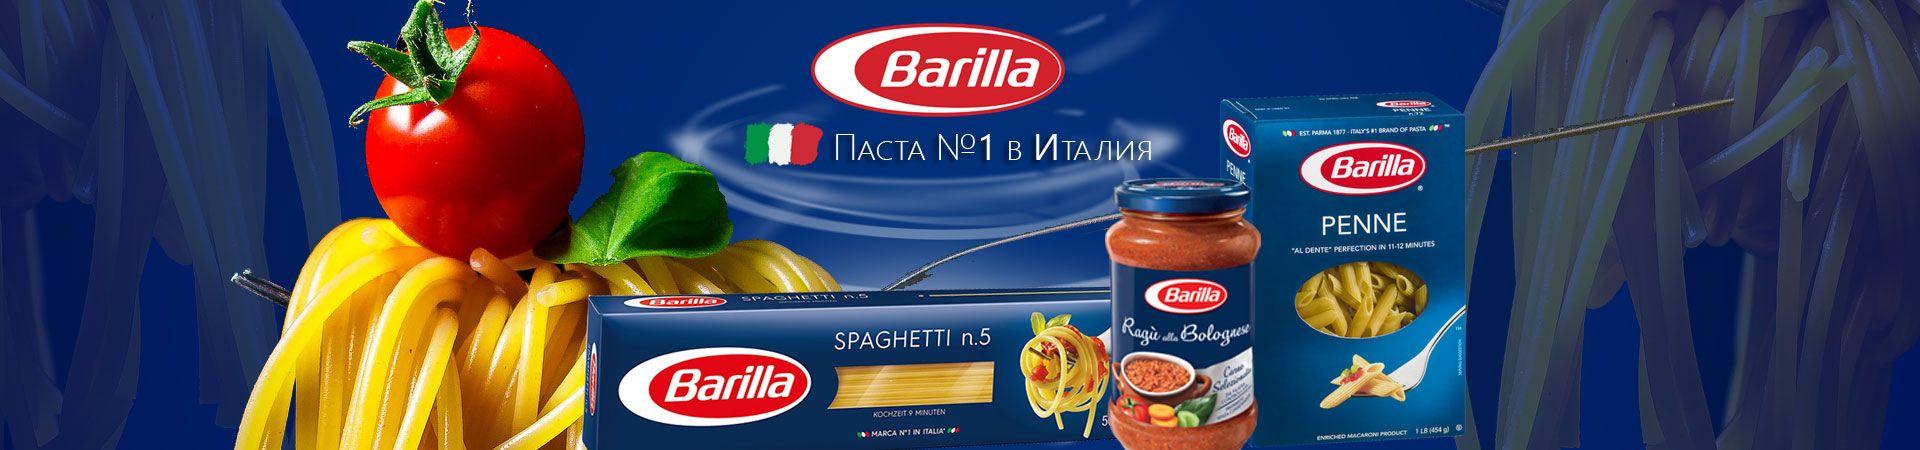 barilla-banner